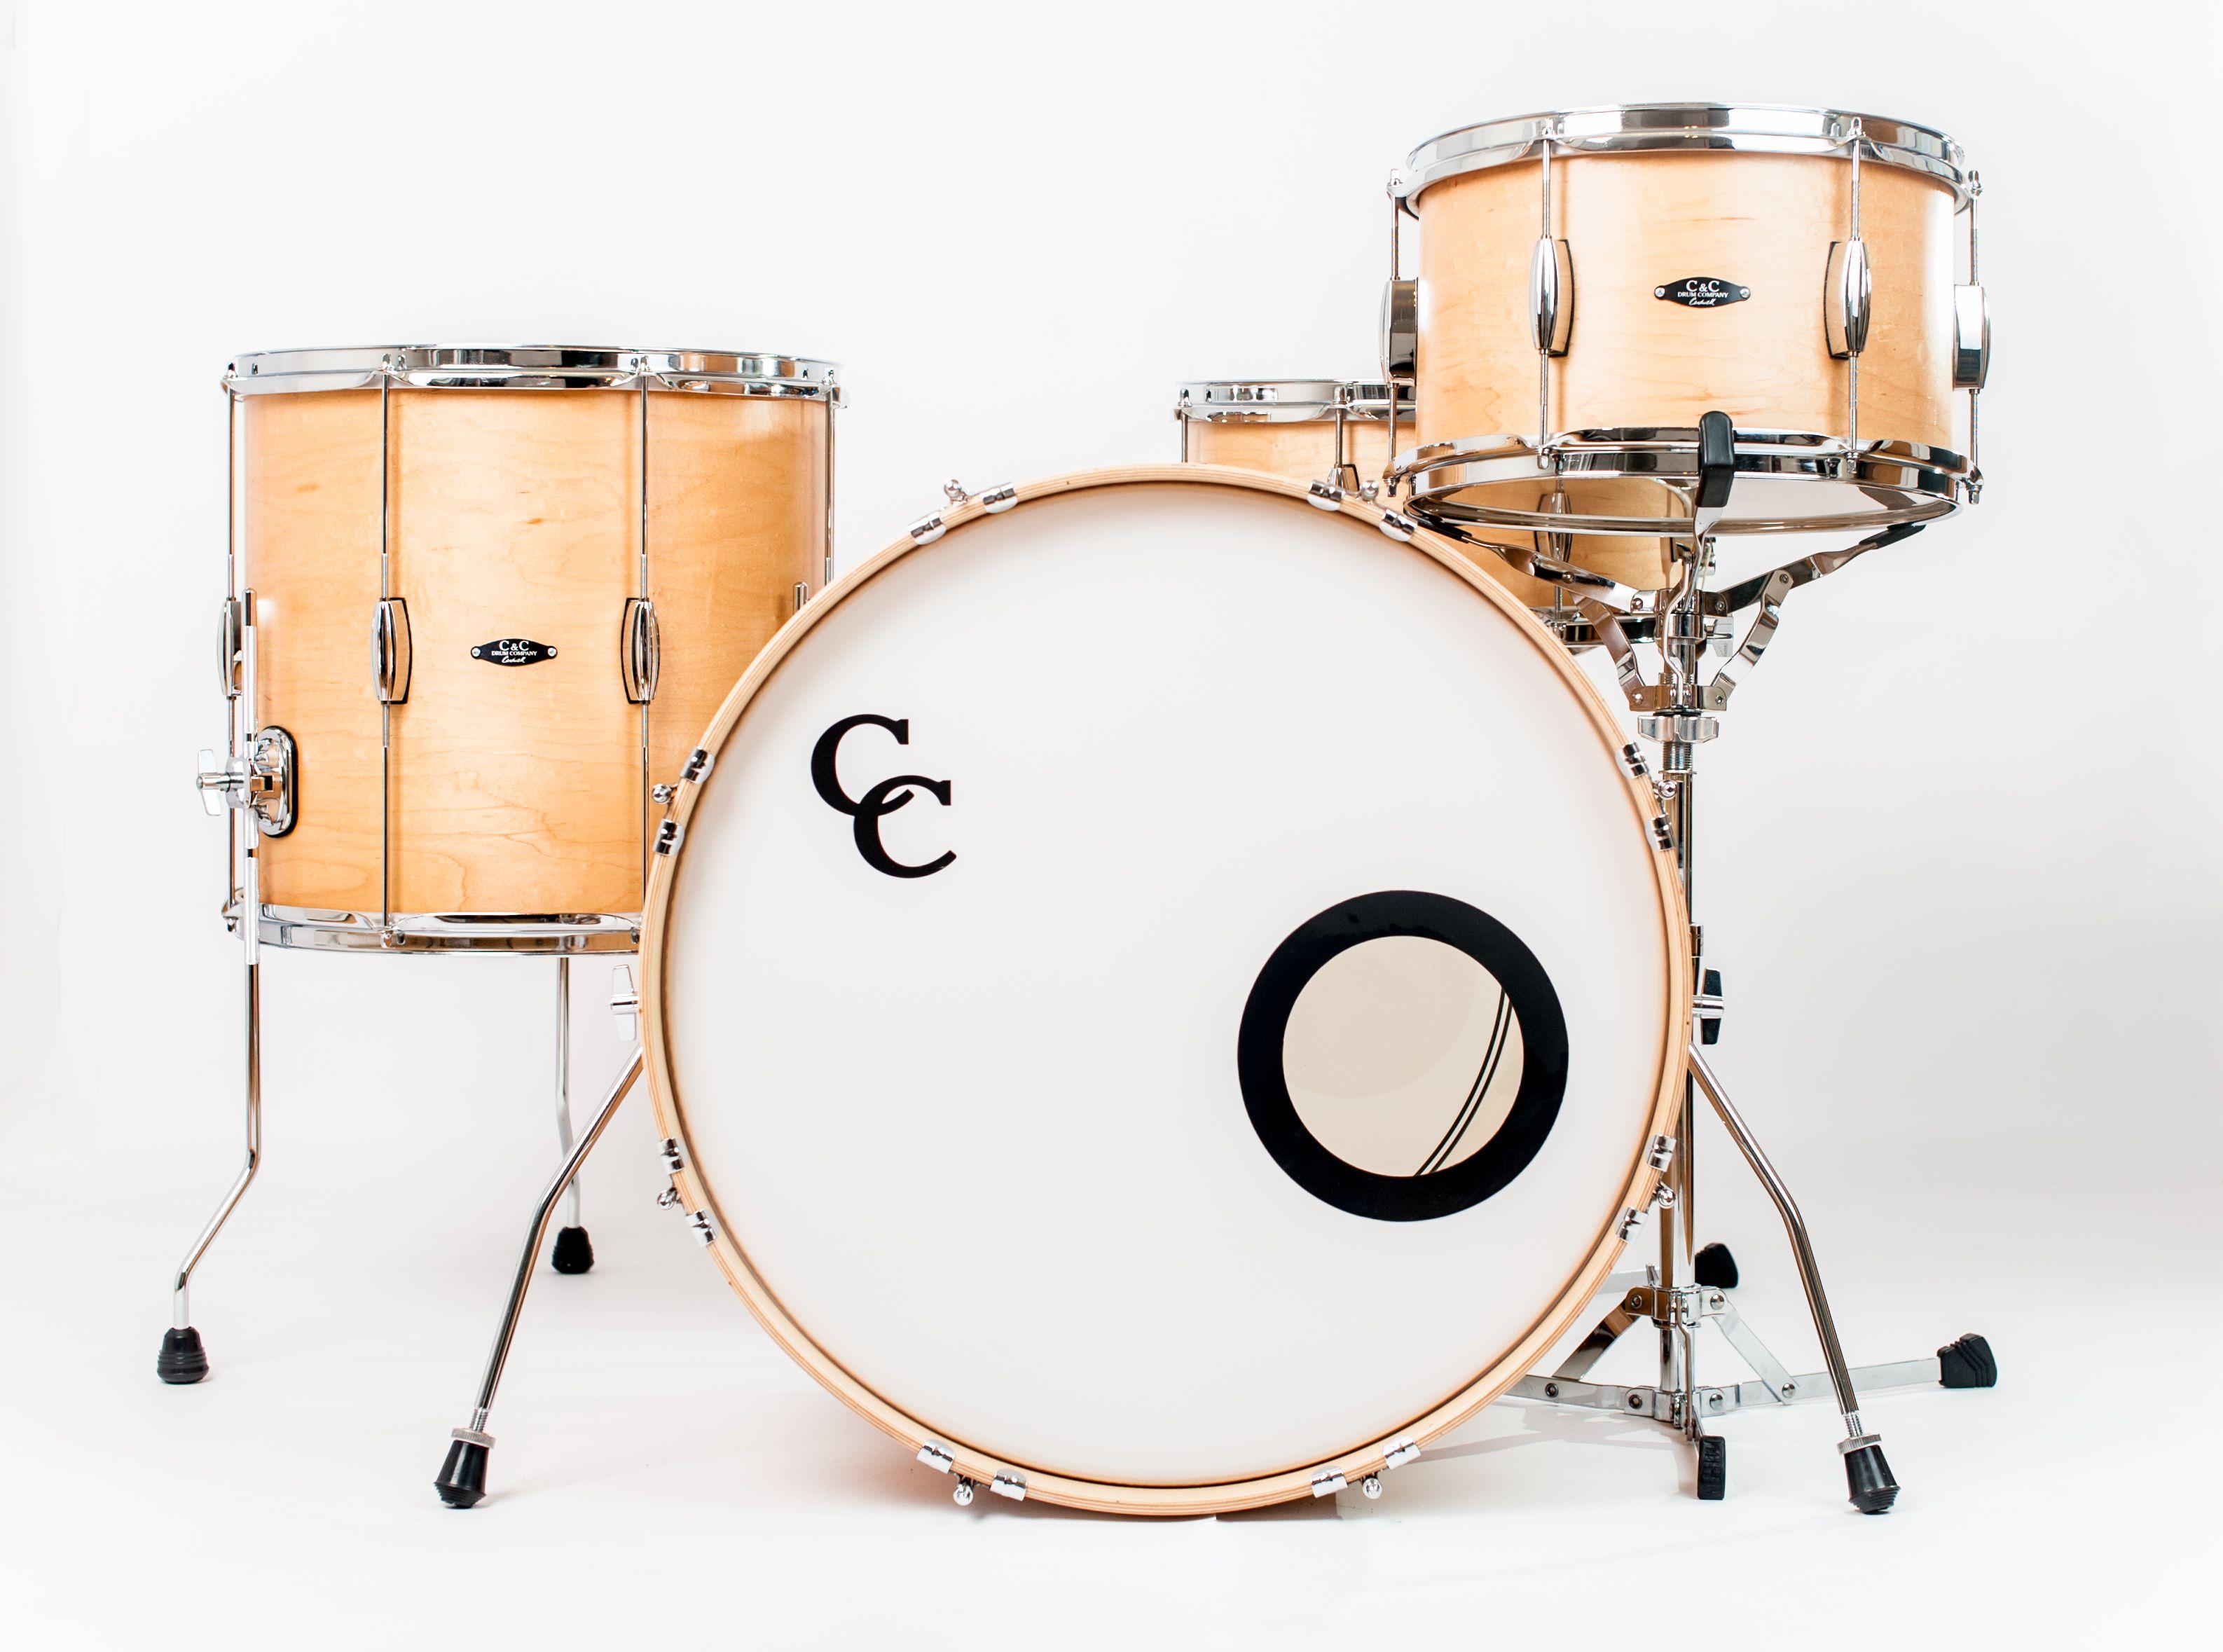 картинки барабан и их названия недолгой популярности простой